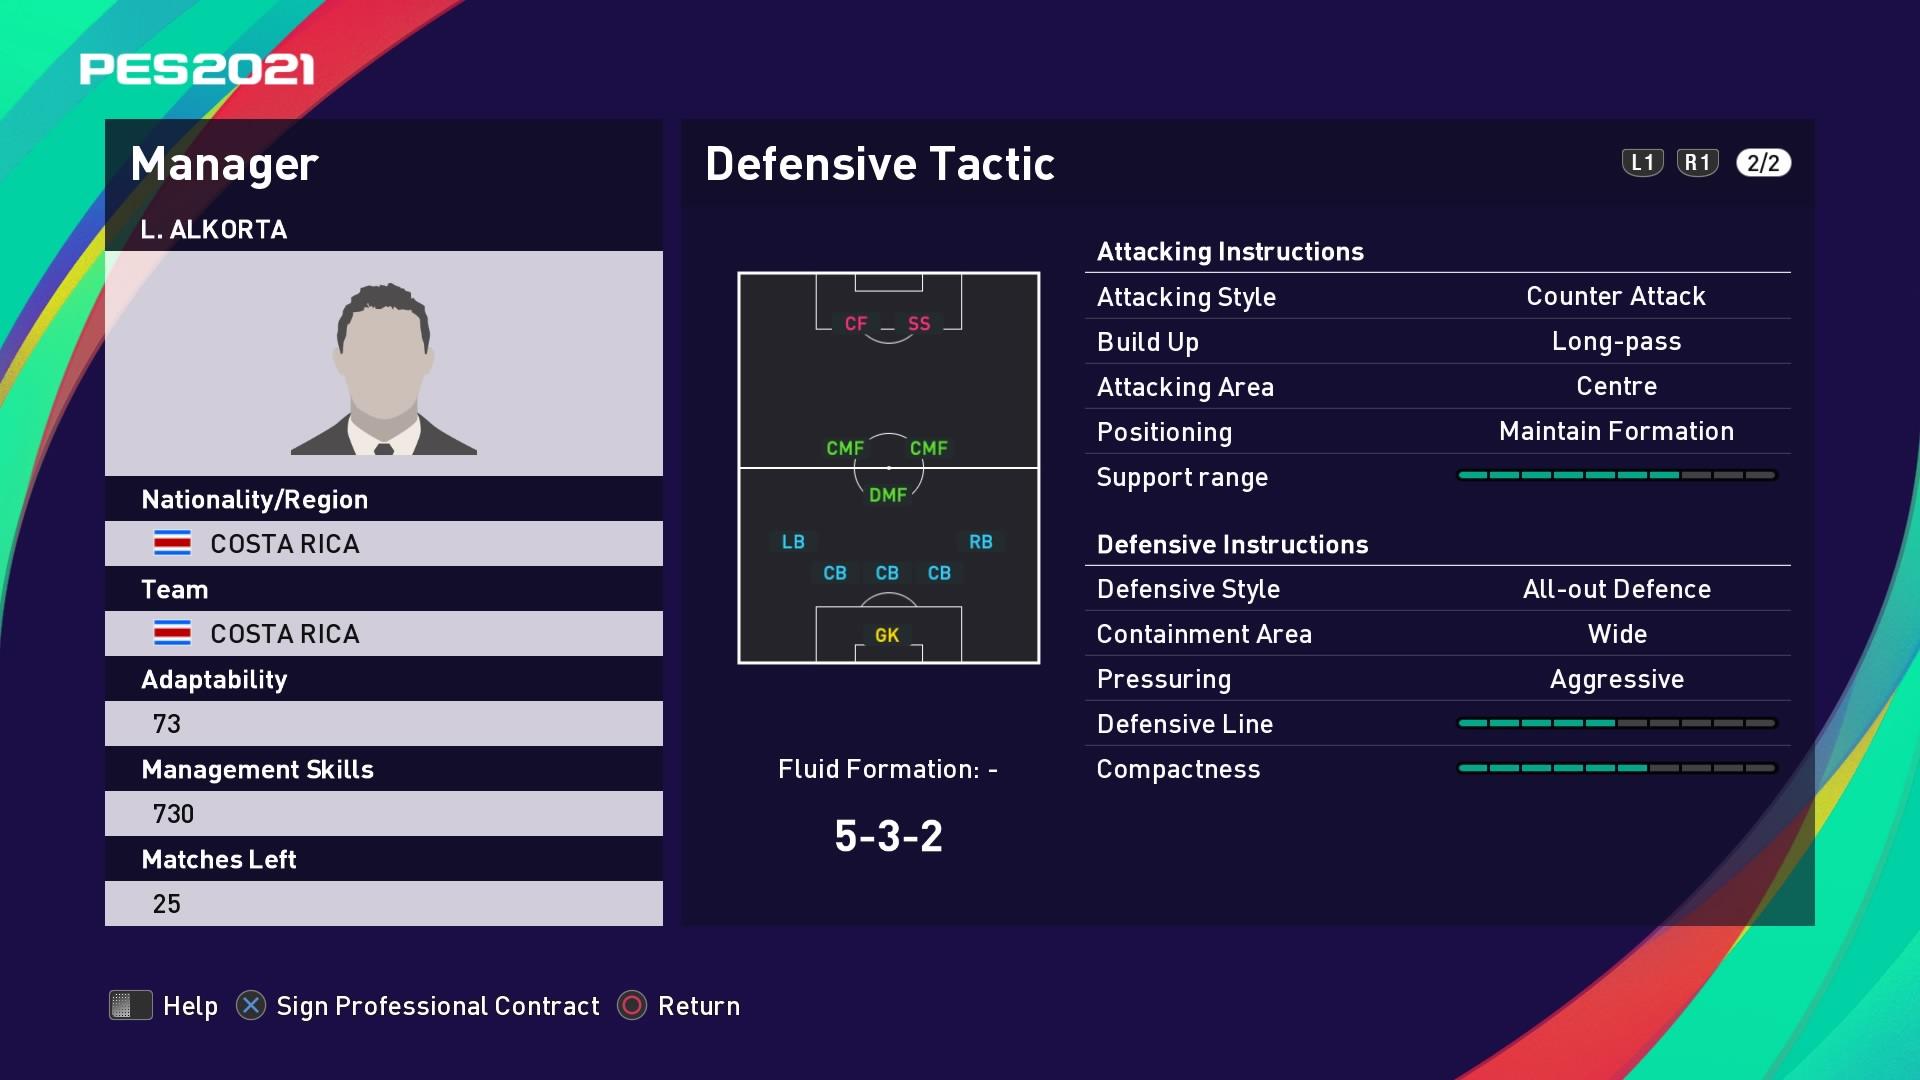 L. Alkorta (Rónald González Brenes) Defensive Tactic in PES 2021 myClub